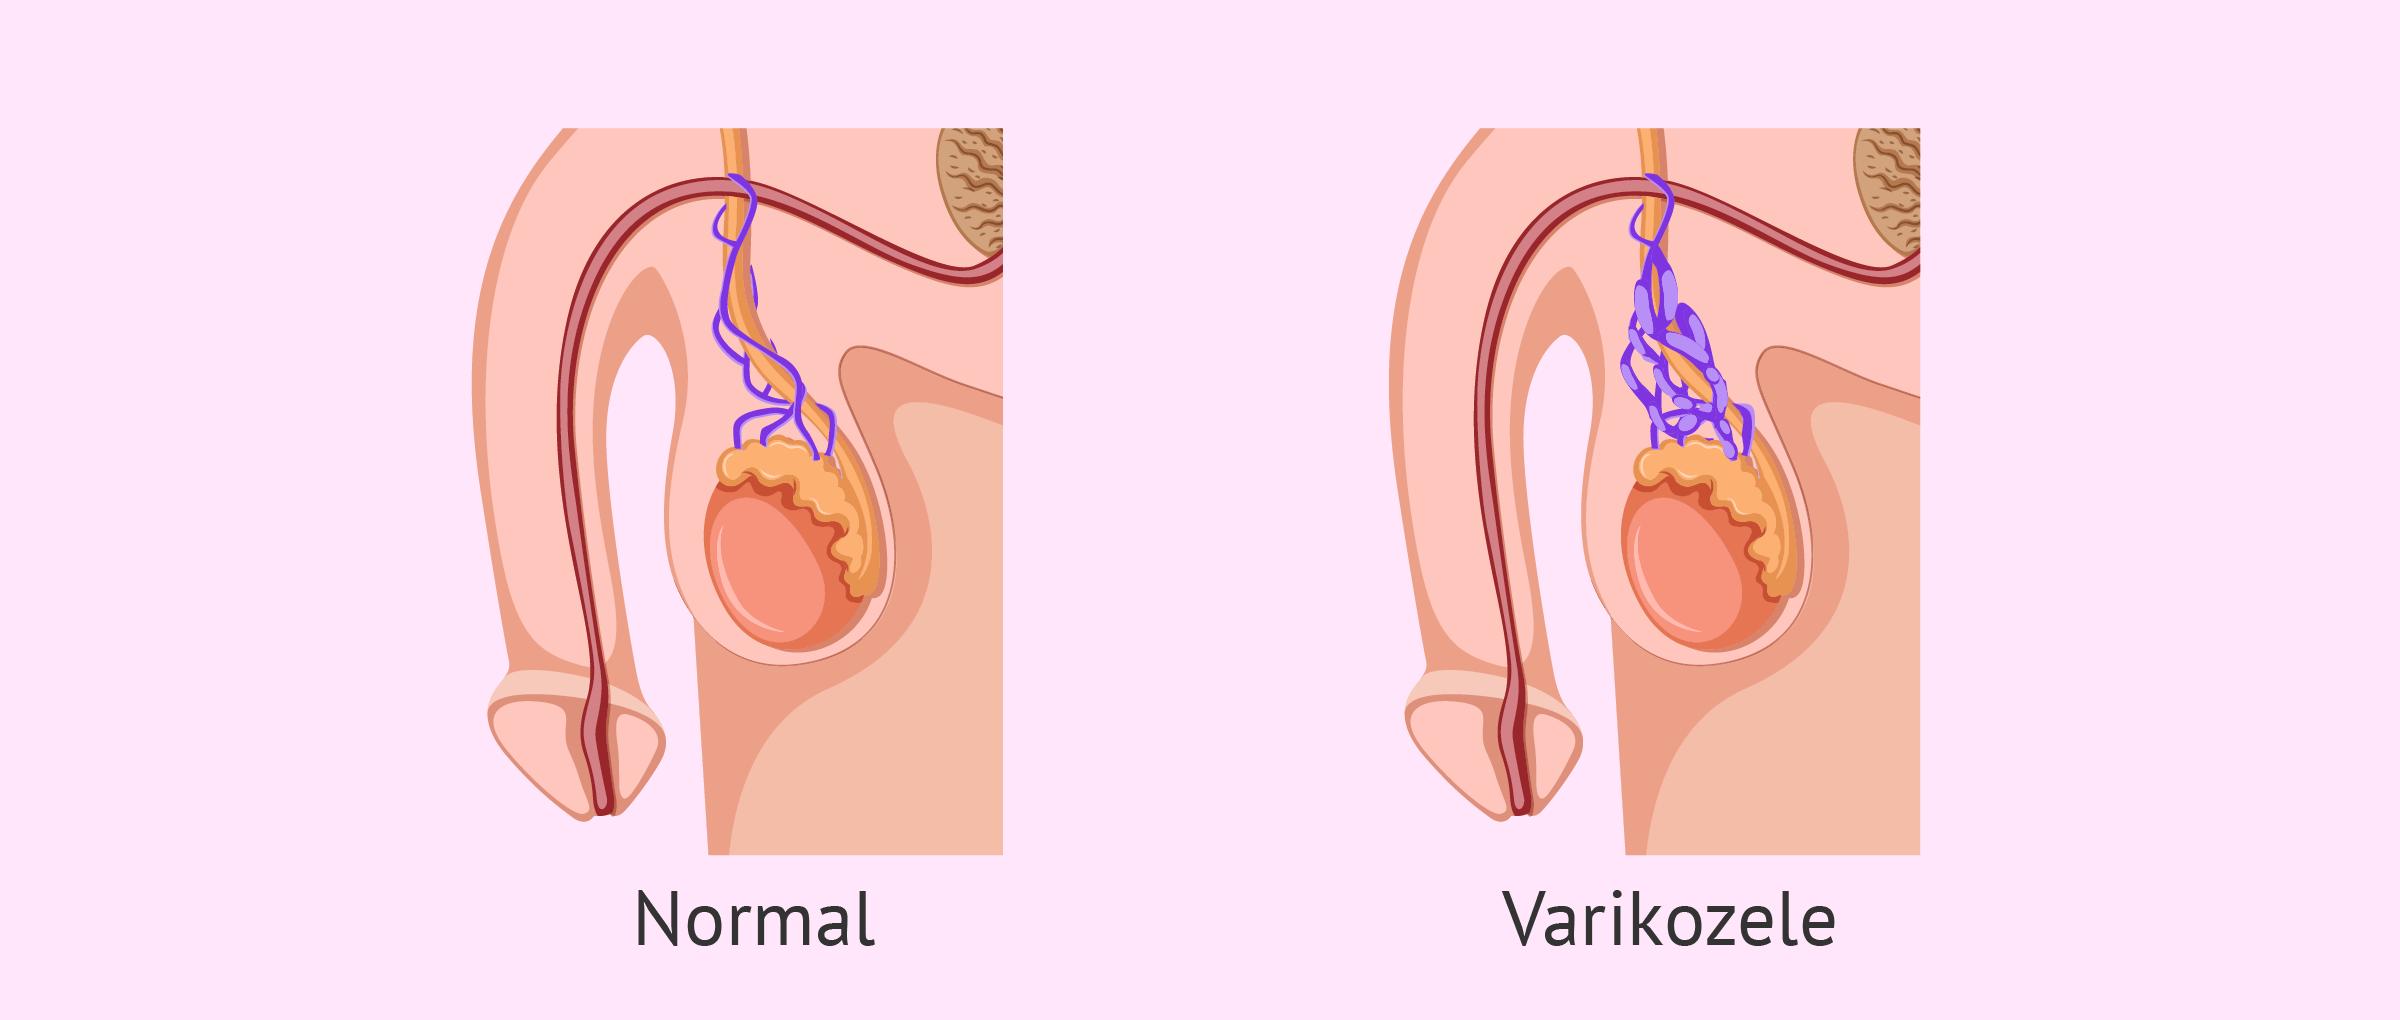 Was ist eine Varikozele? Ursachen, Symptome und Behandlung